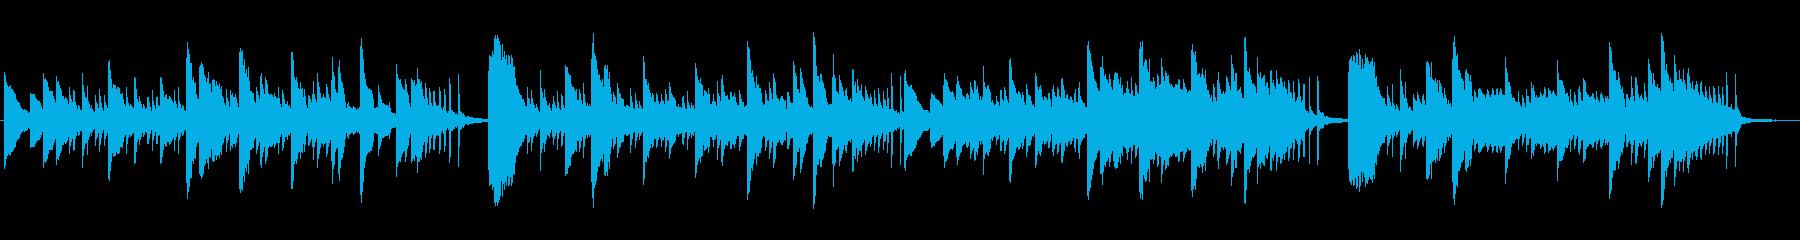 ゆっくりと奇妙なメロディー。の再生済みの波形